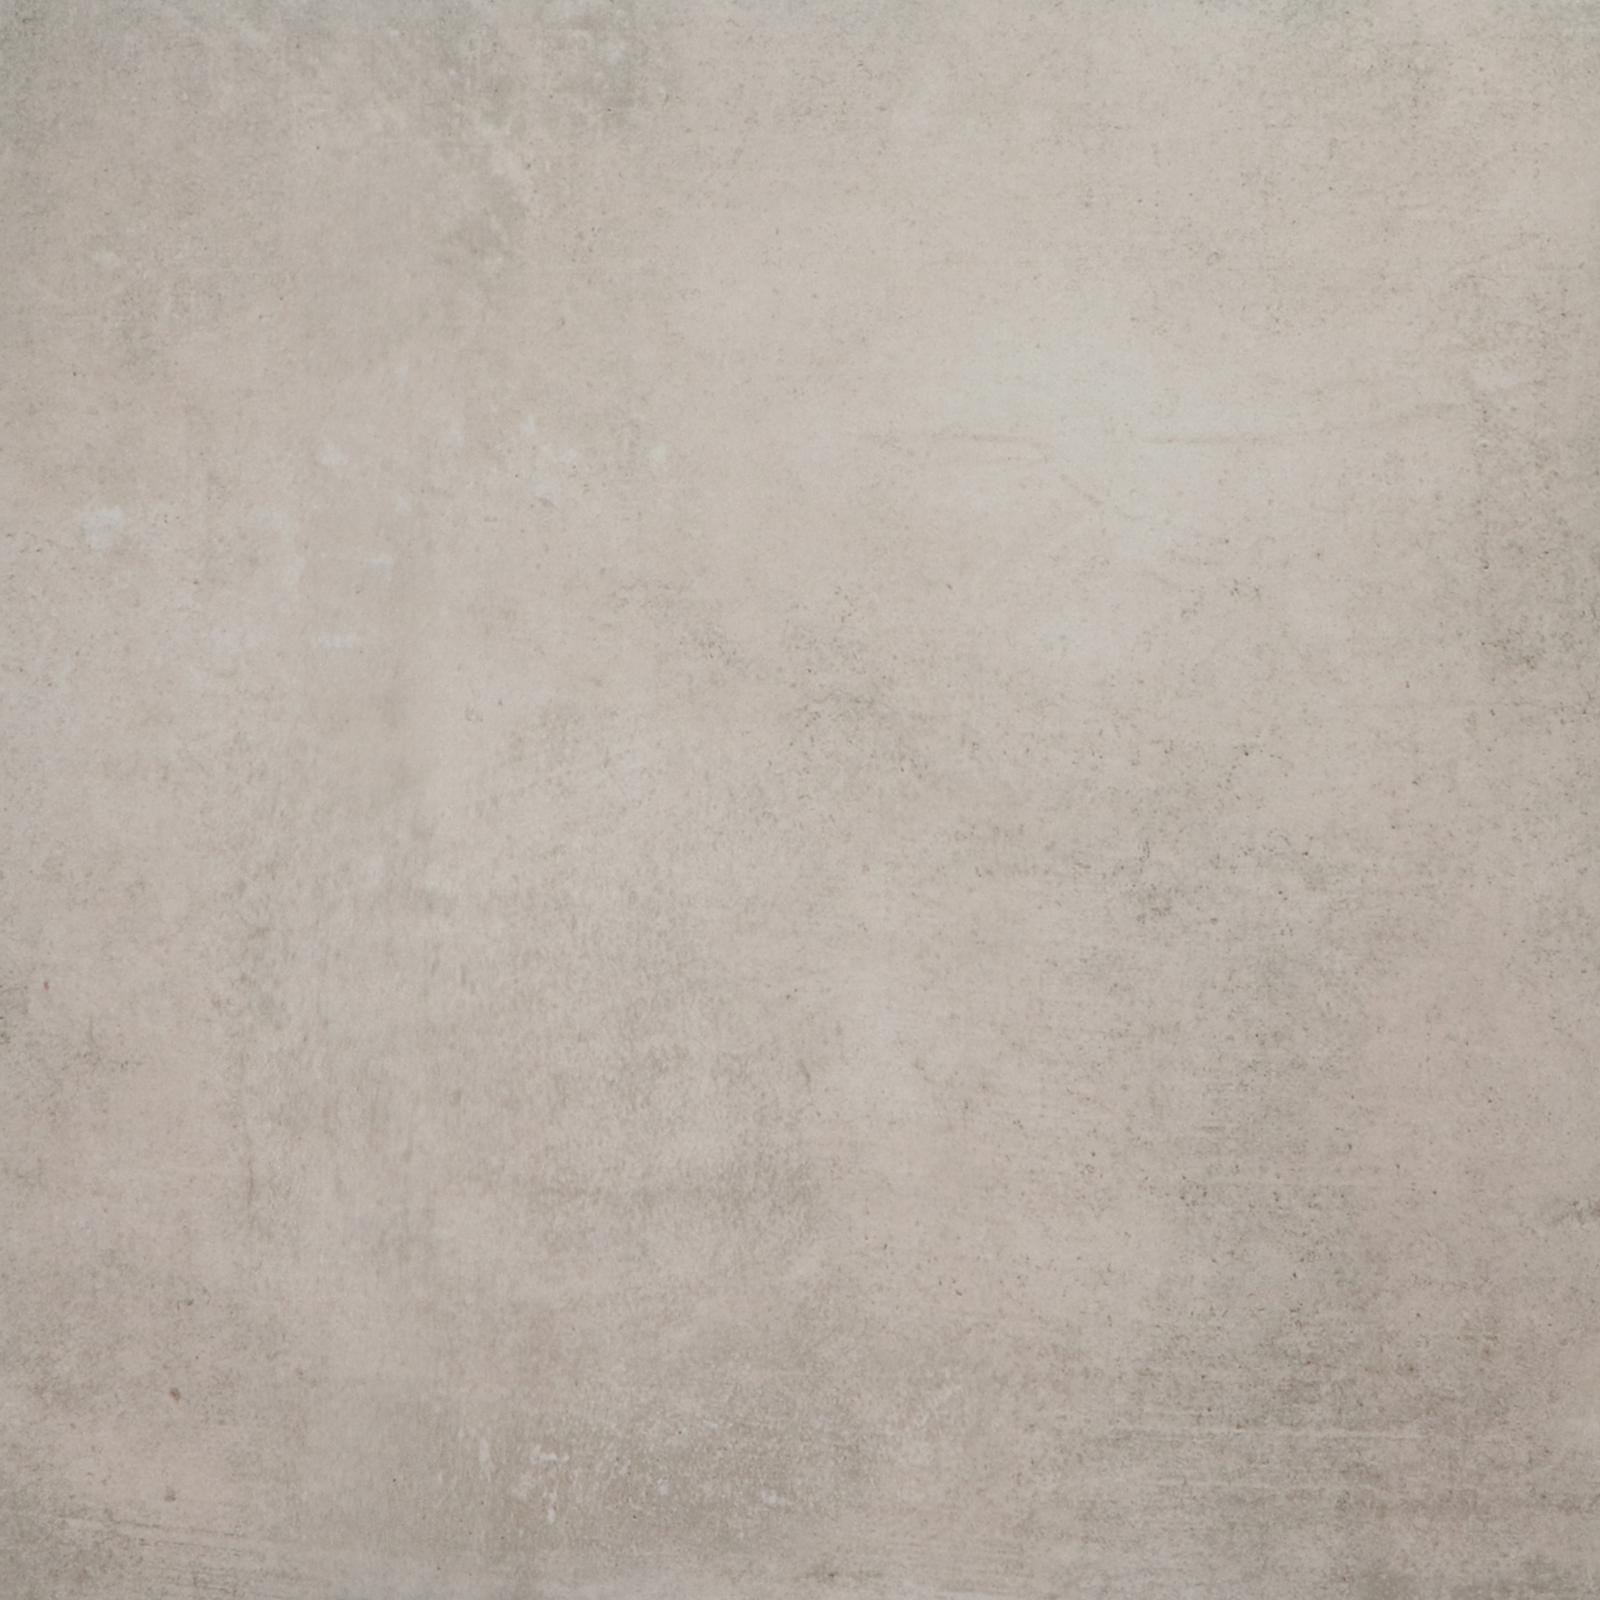 Cerasolid 60x60x3 cm Ultramoderno Light Grey